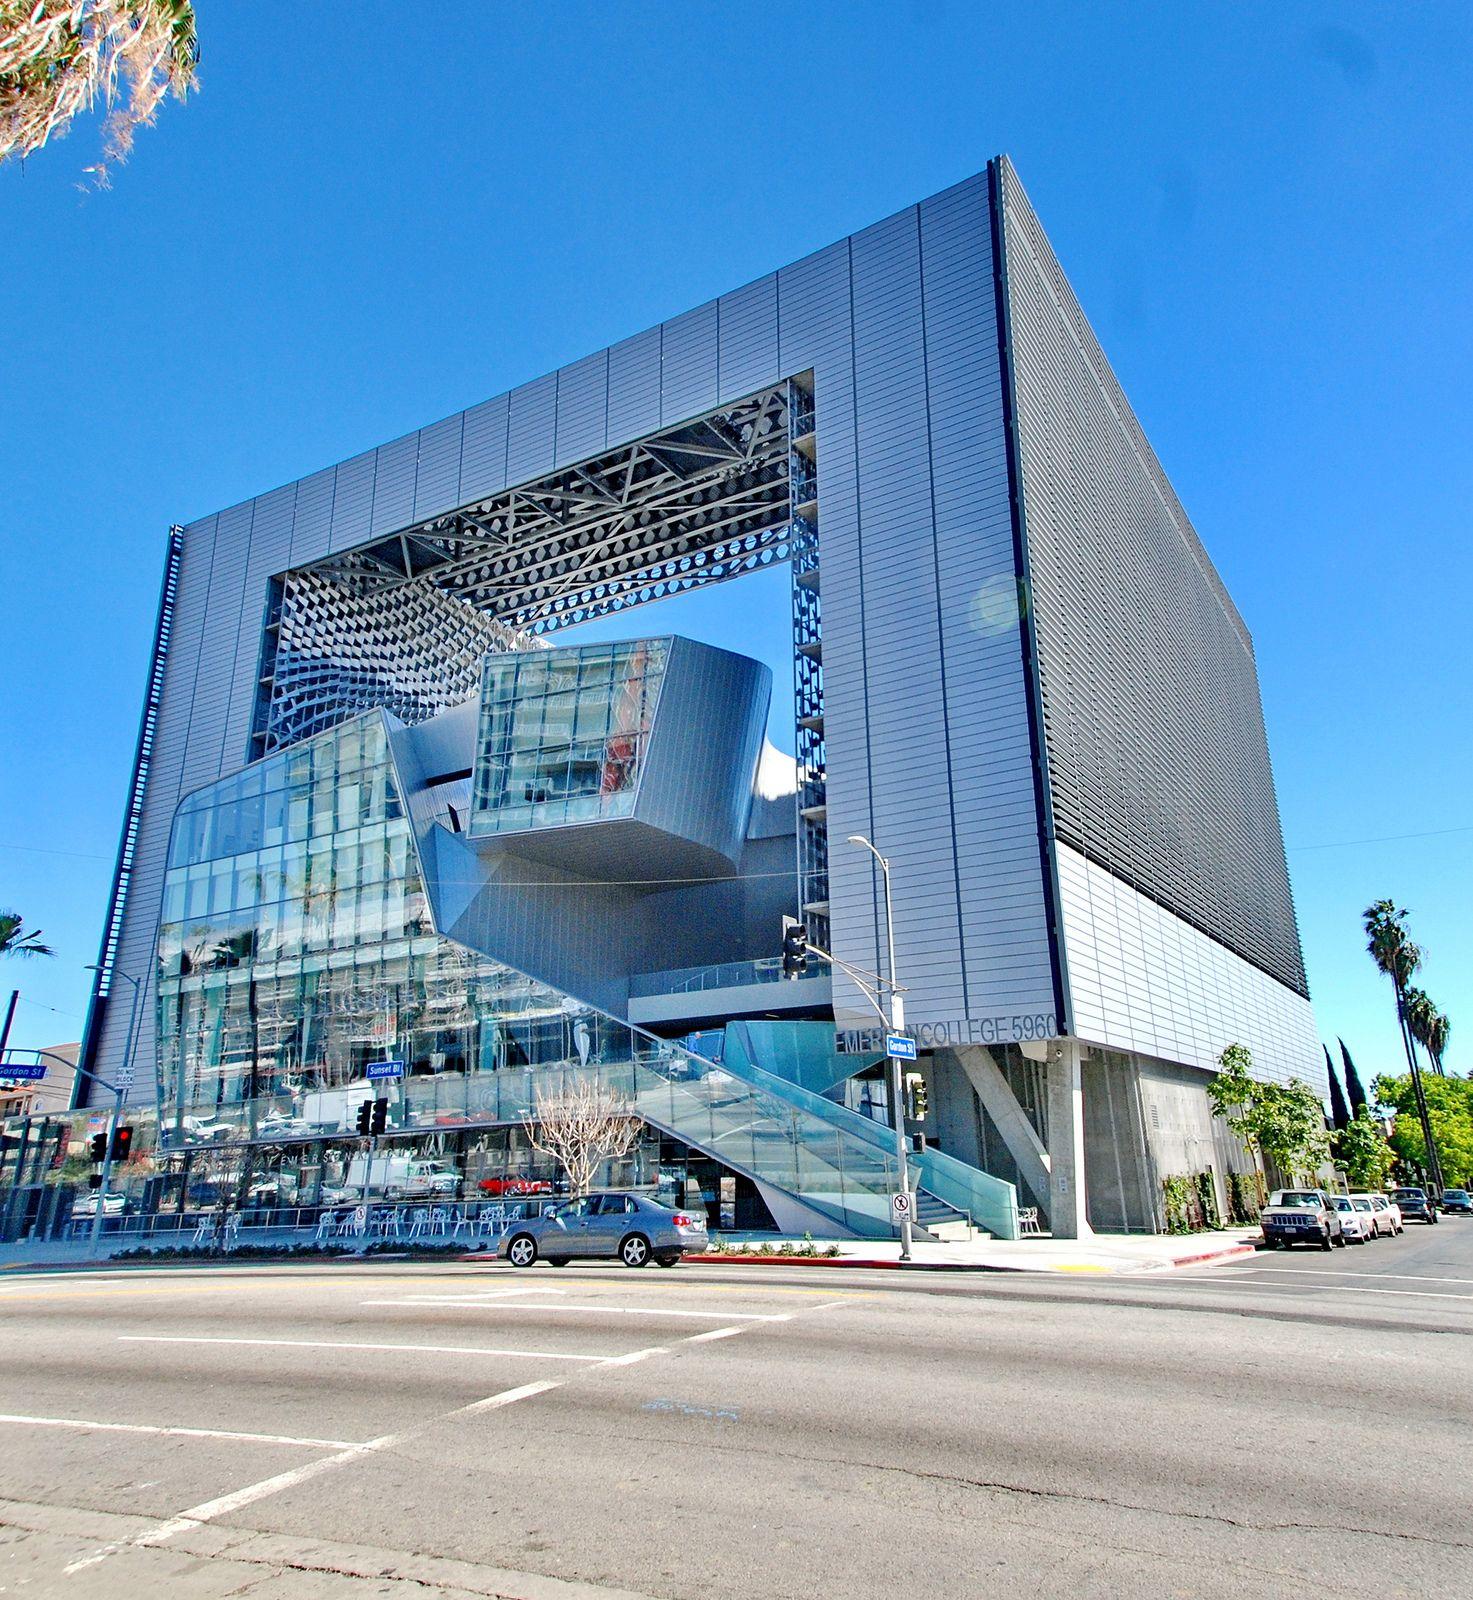 Emerson College Hollywood Campus Thom Mayne Morphosis 2014 City Architecture Architecture Architecture Model